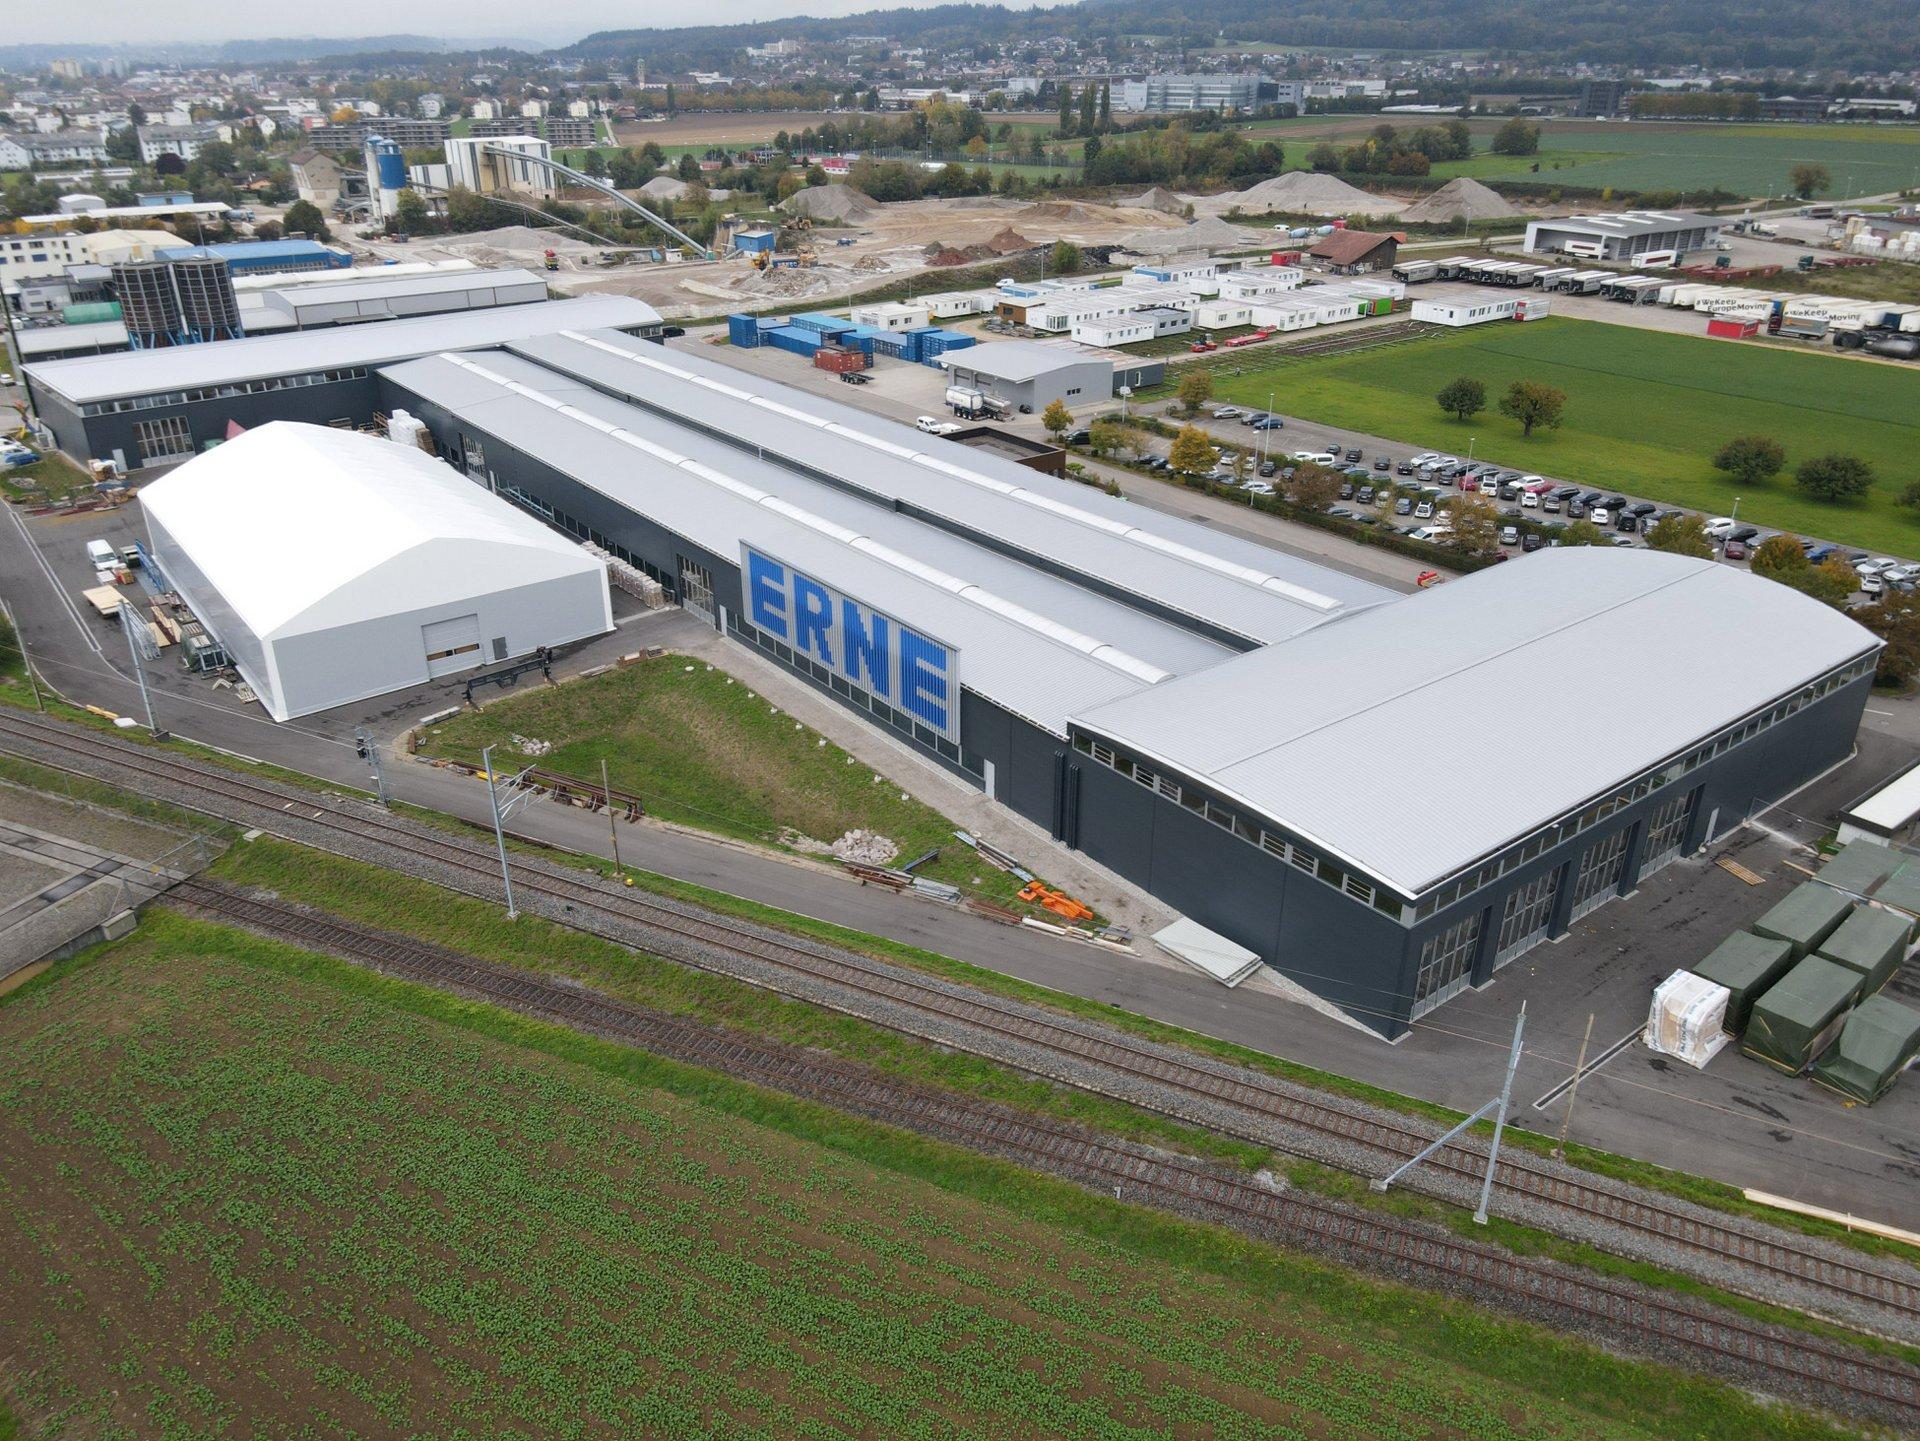 Luftaufnahme der Produktionshalle, eingehüllt in einer Anthrazitfarbenen Fassade mit einem Dach aus Metall.